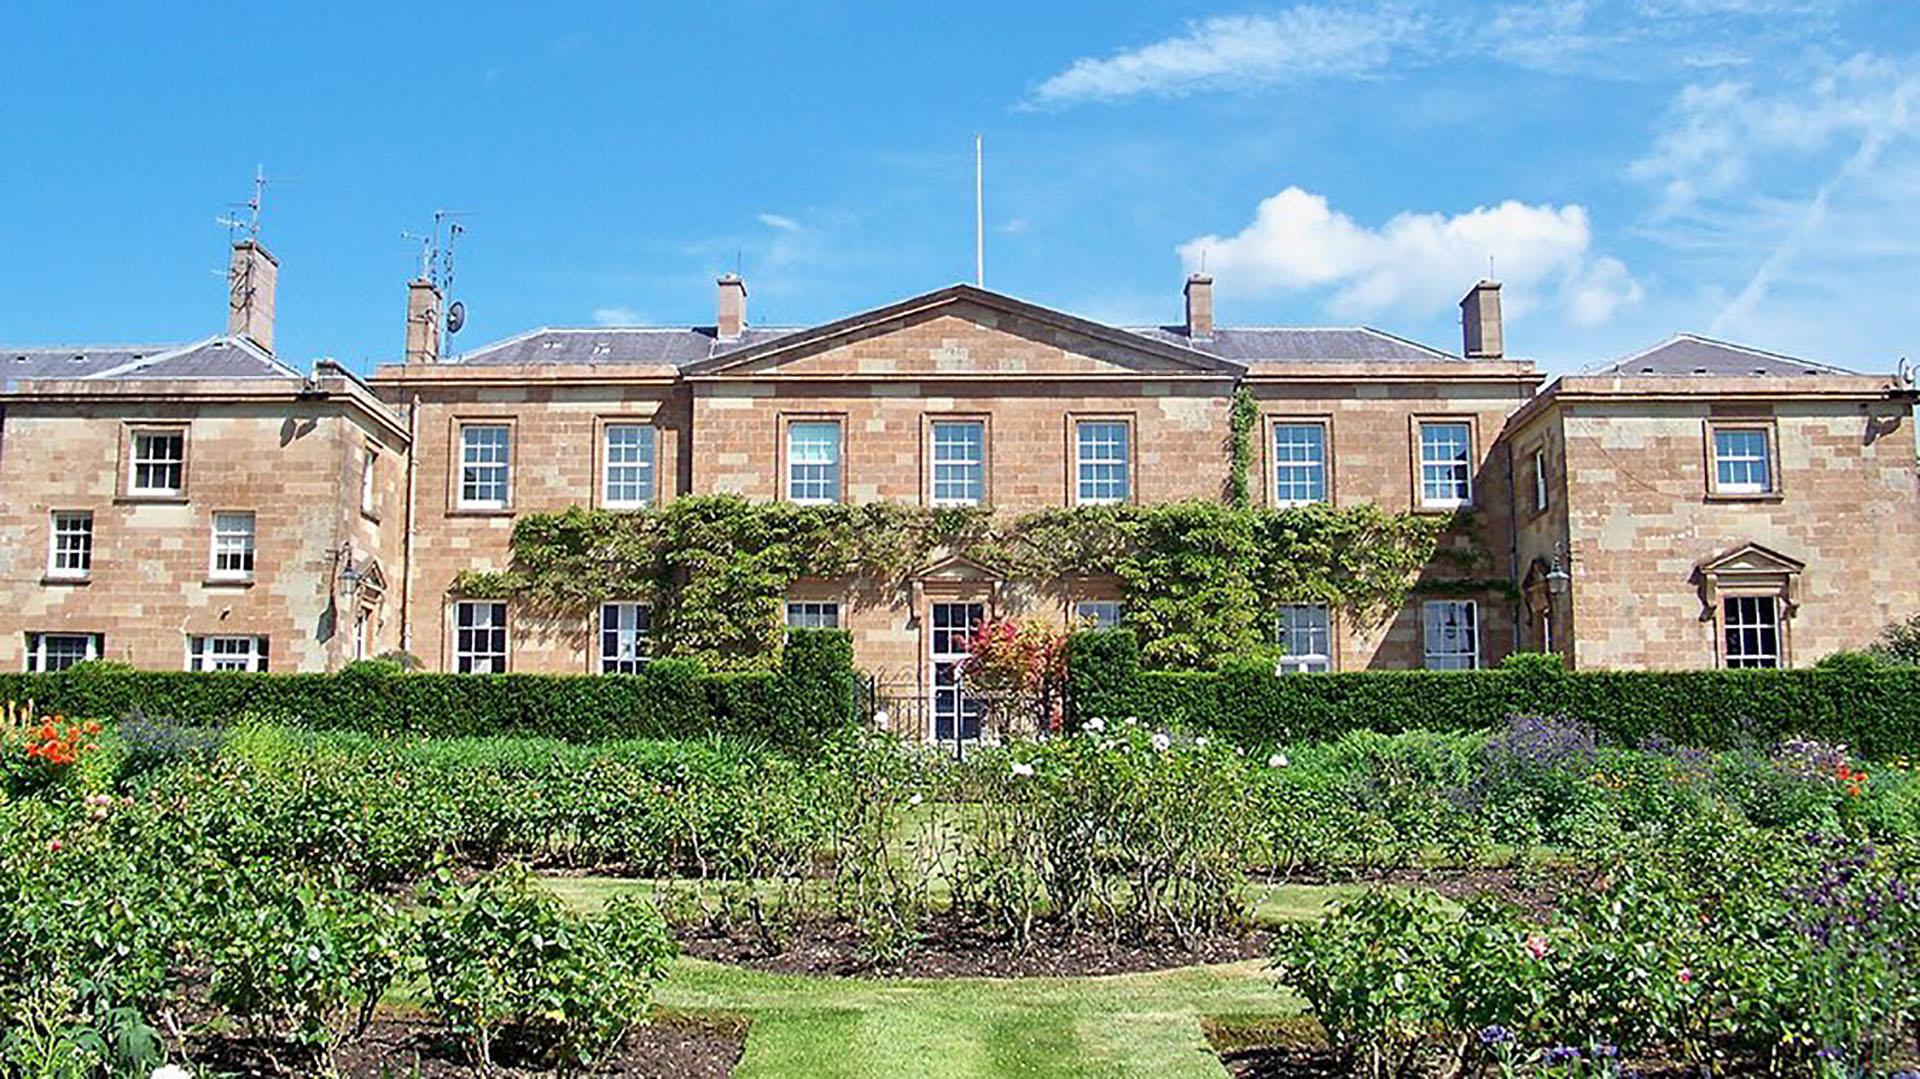 Lafinca o casa de campo es una de las propiedades de la familia real